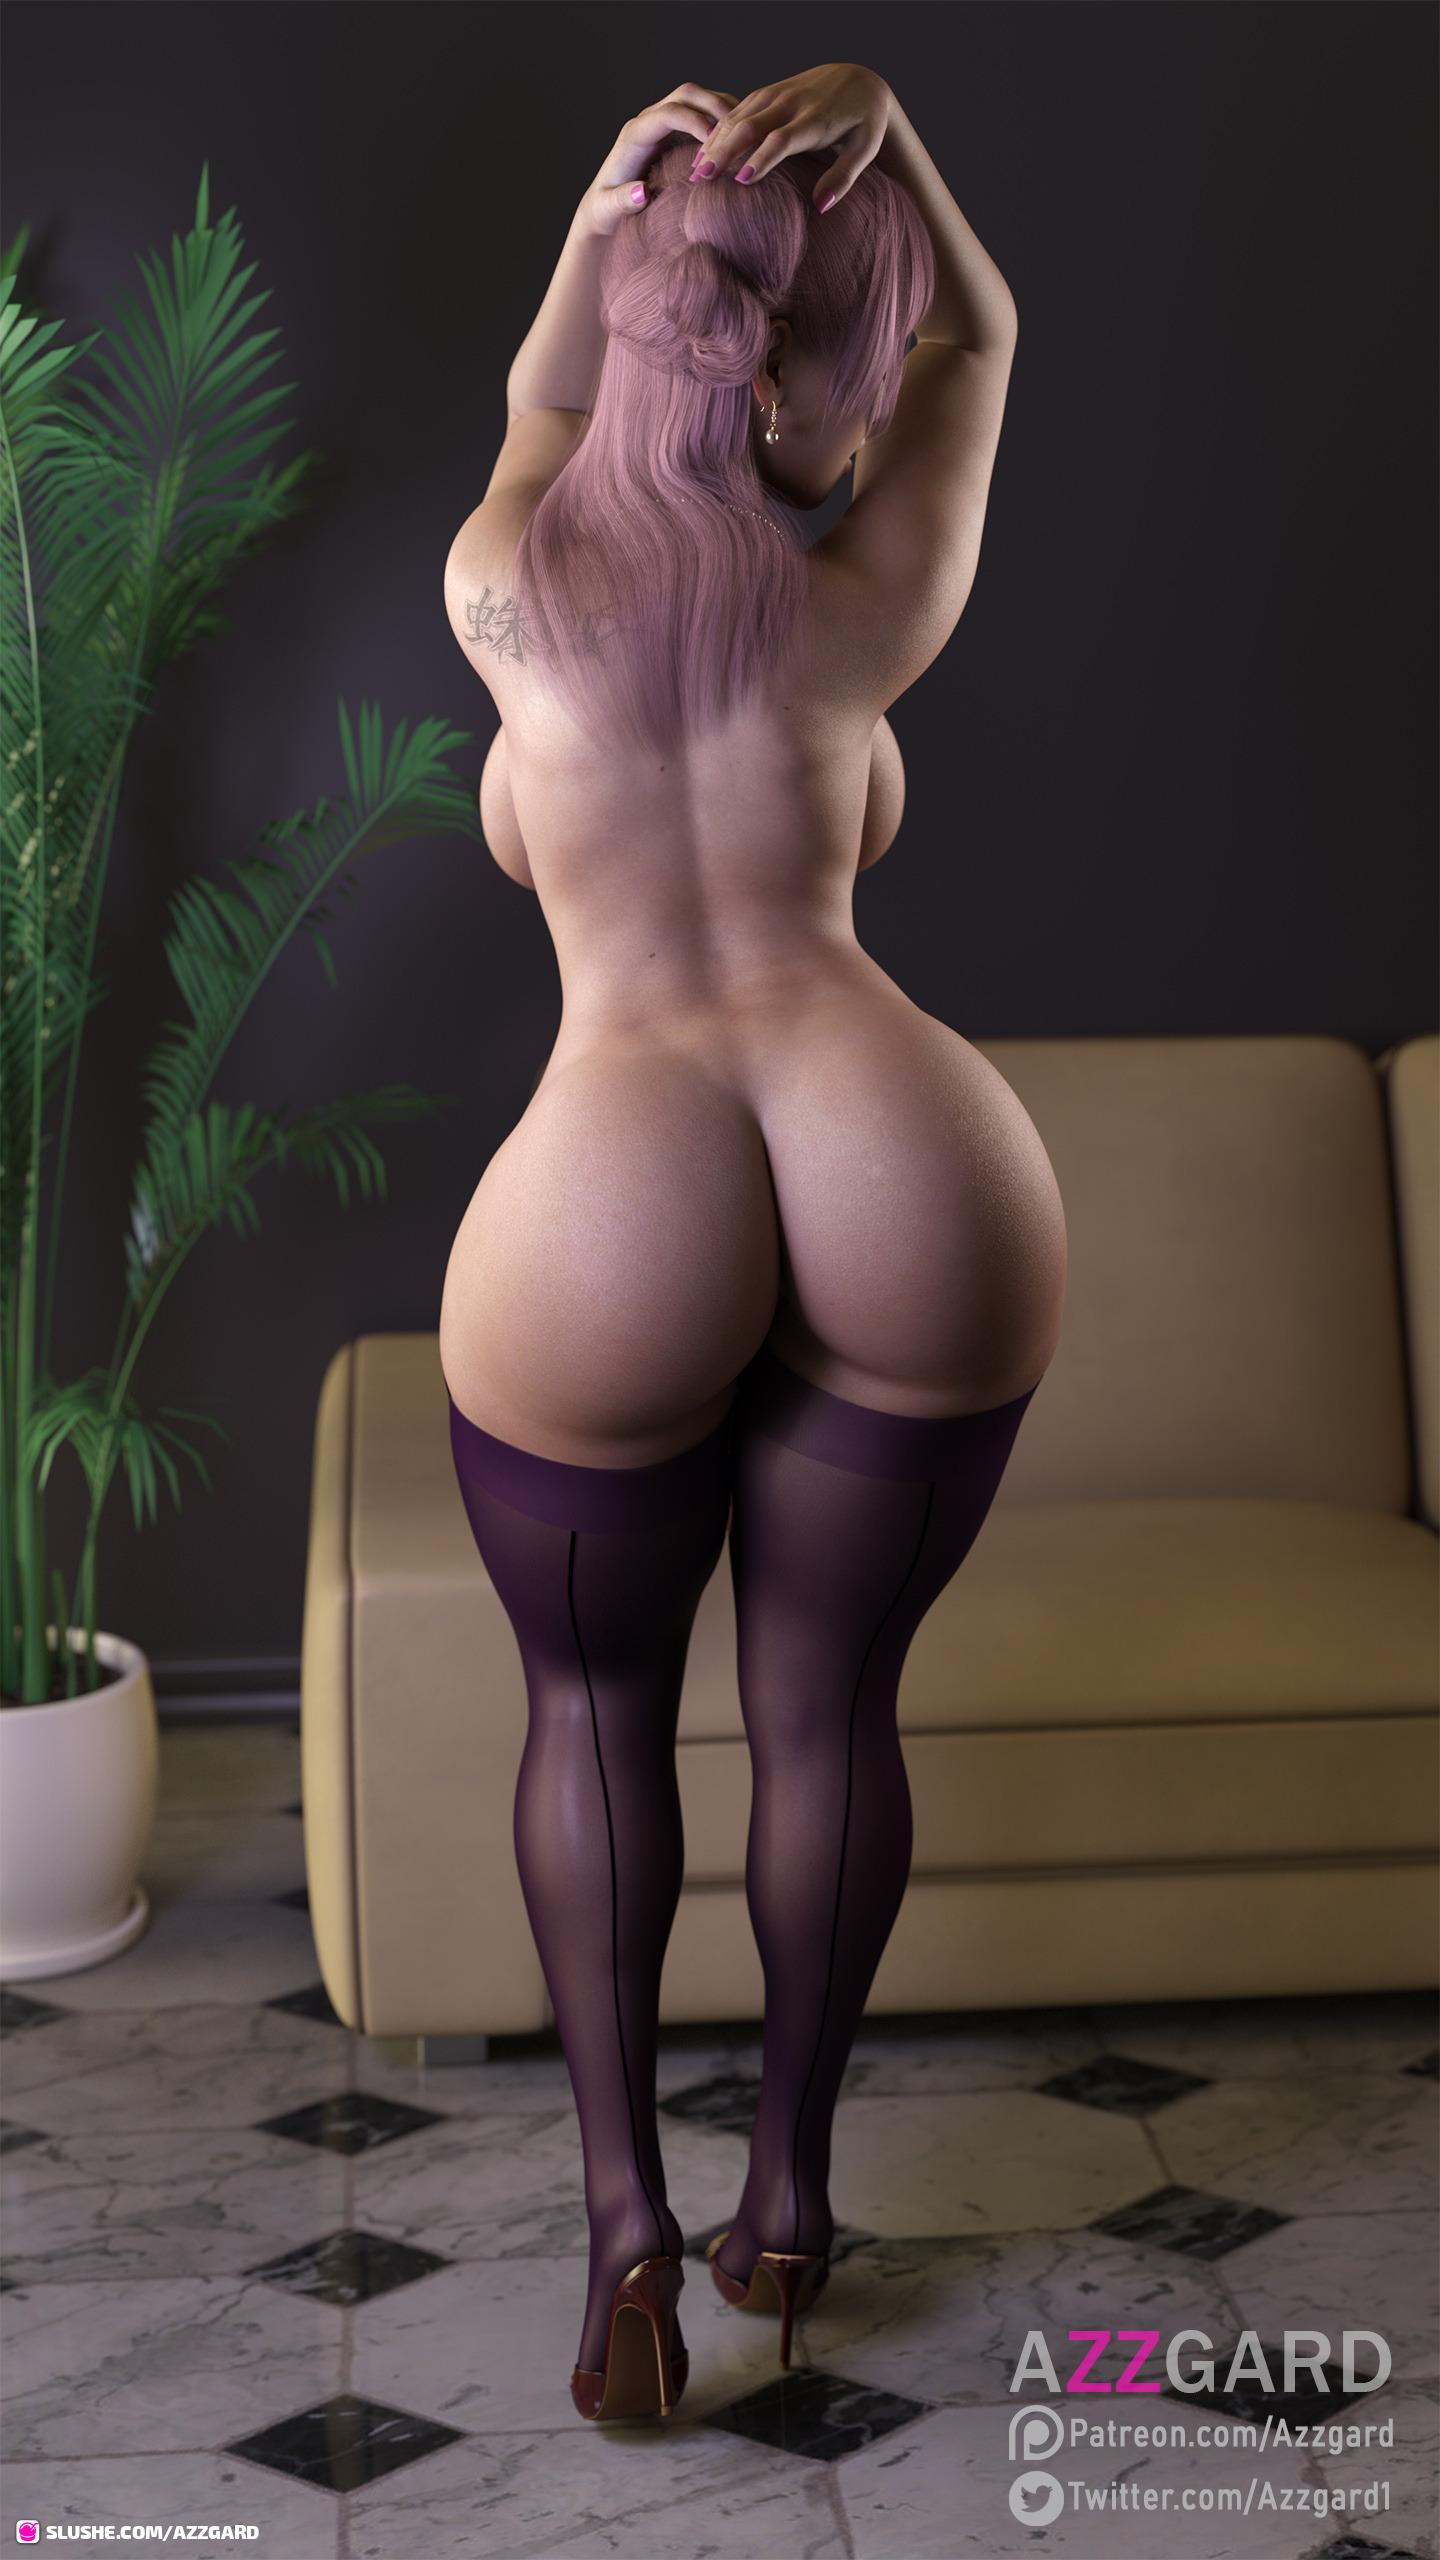 Marioka - Do You Like My Ass?